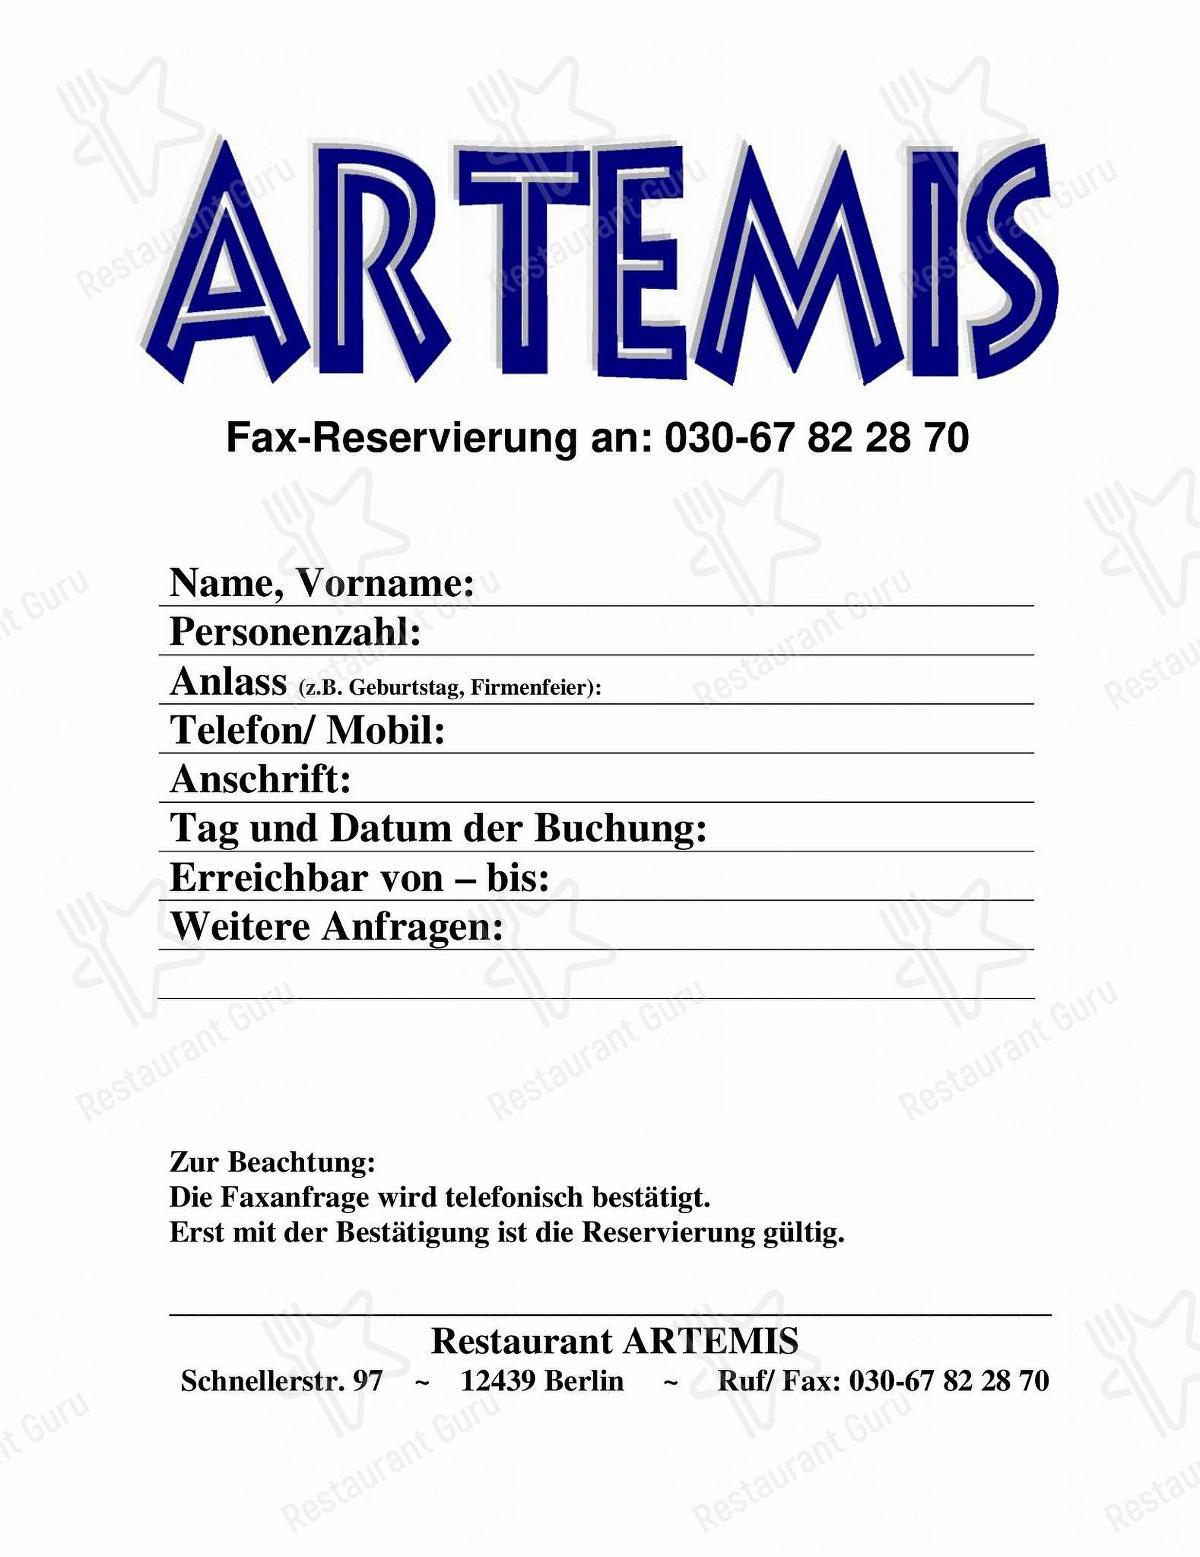 Club artemis berlin Artemis (brothel)